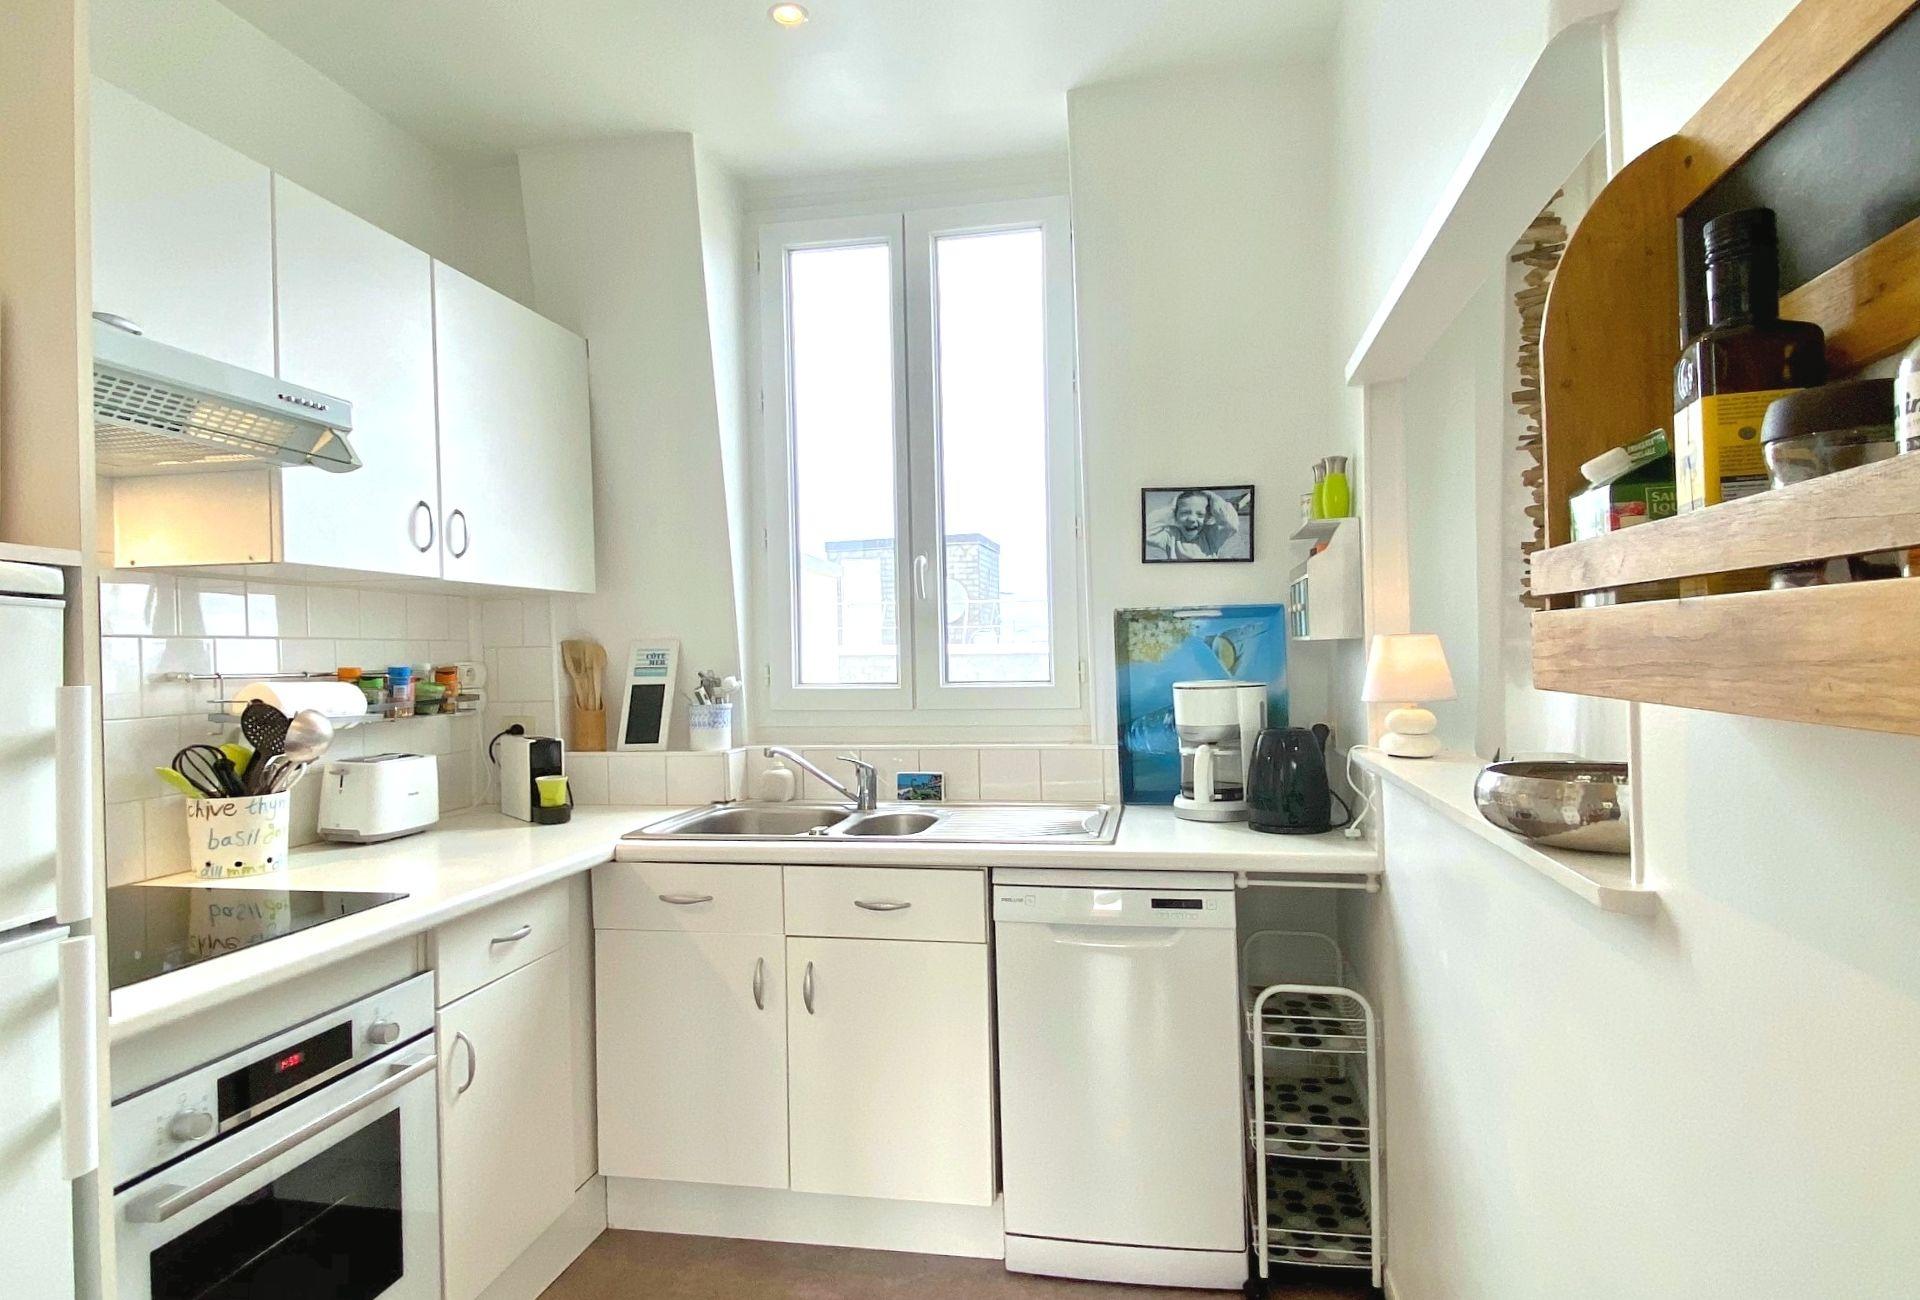 9-cuisine-appartement-a-vendre-la-clef-des-villes-agence-immobiliere-villers-sur-mer